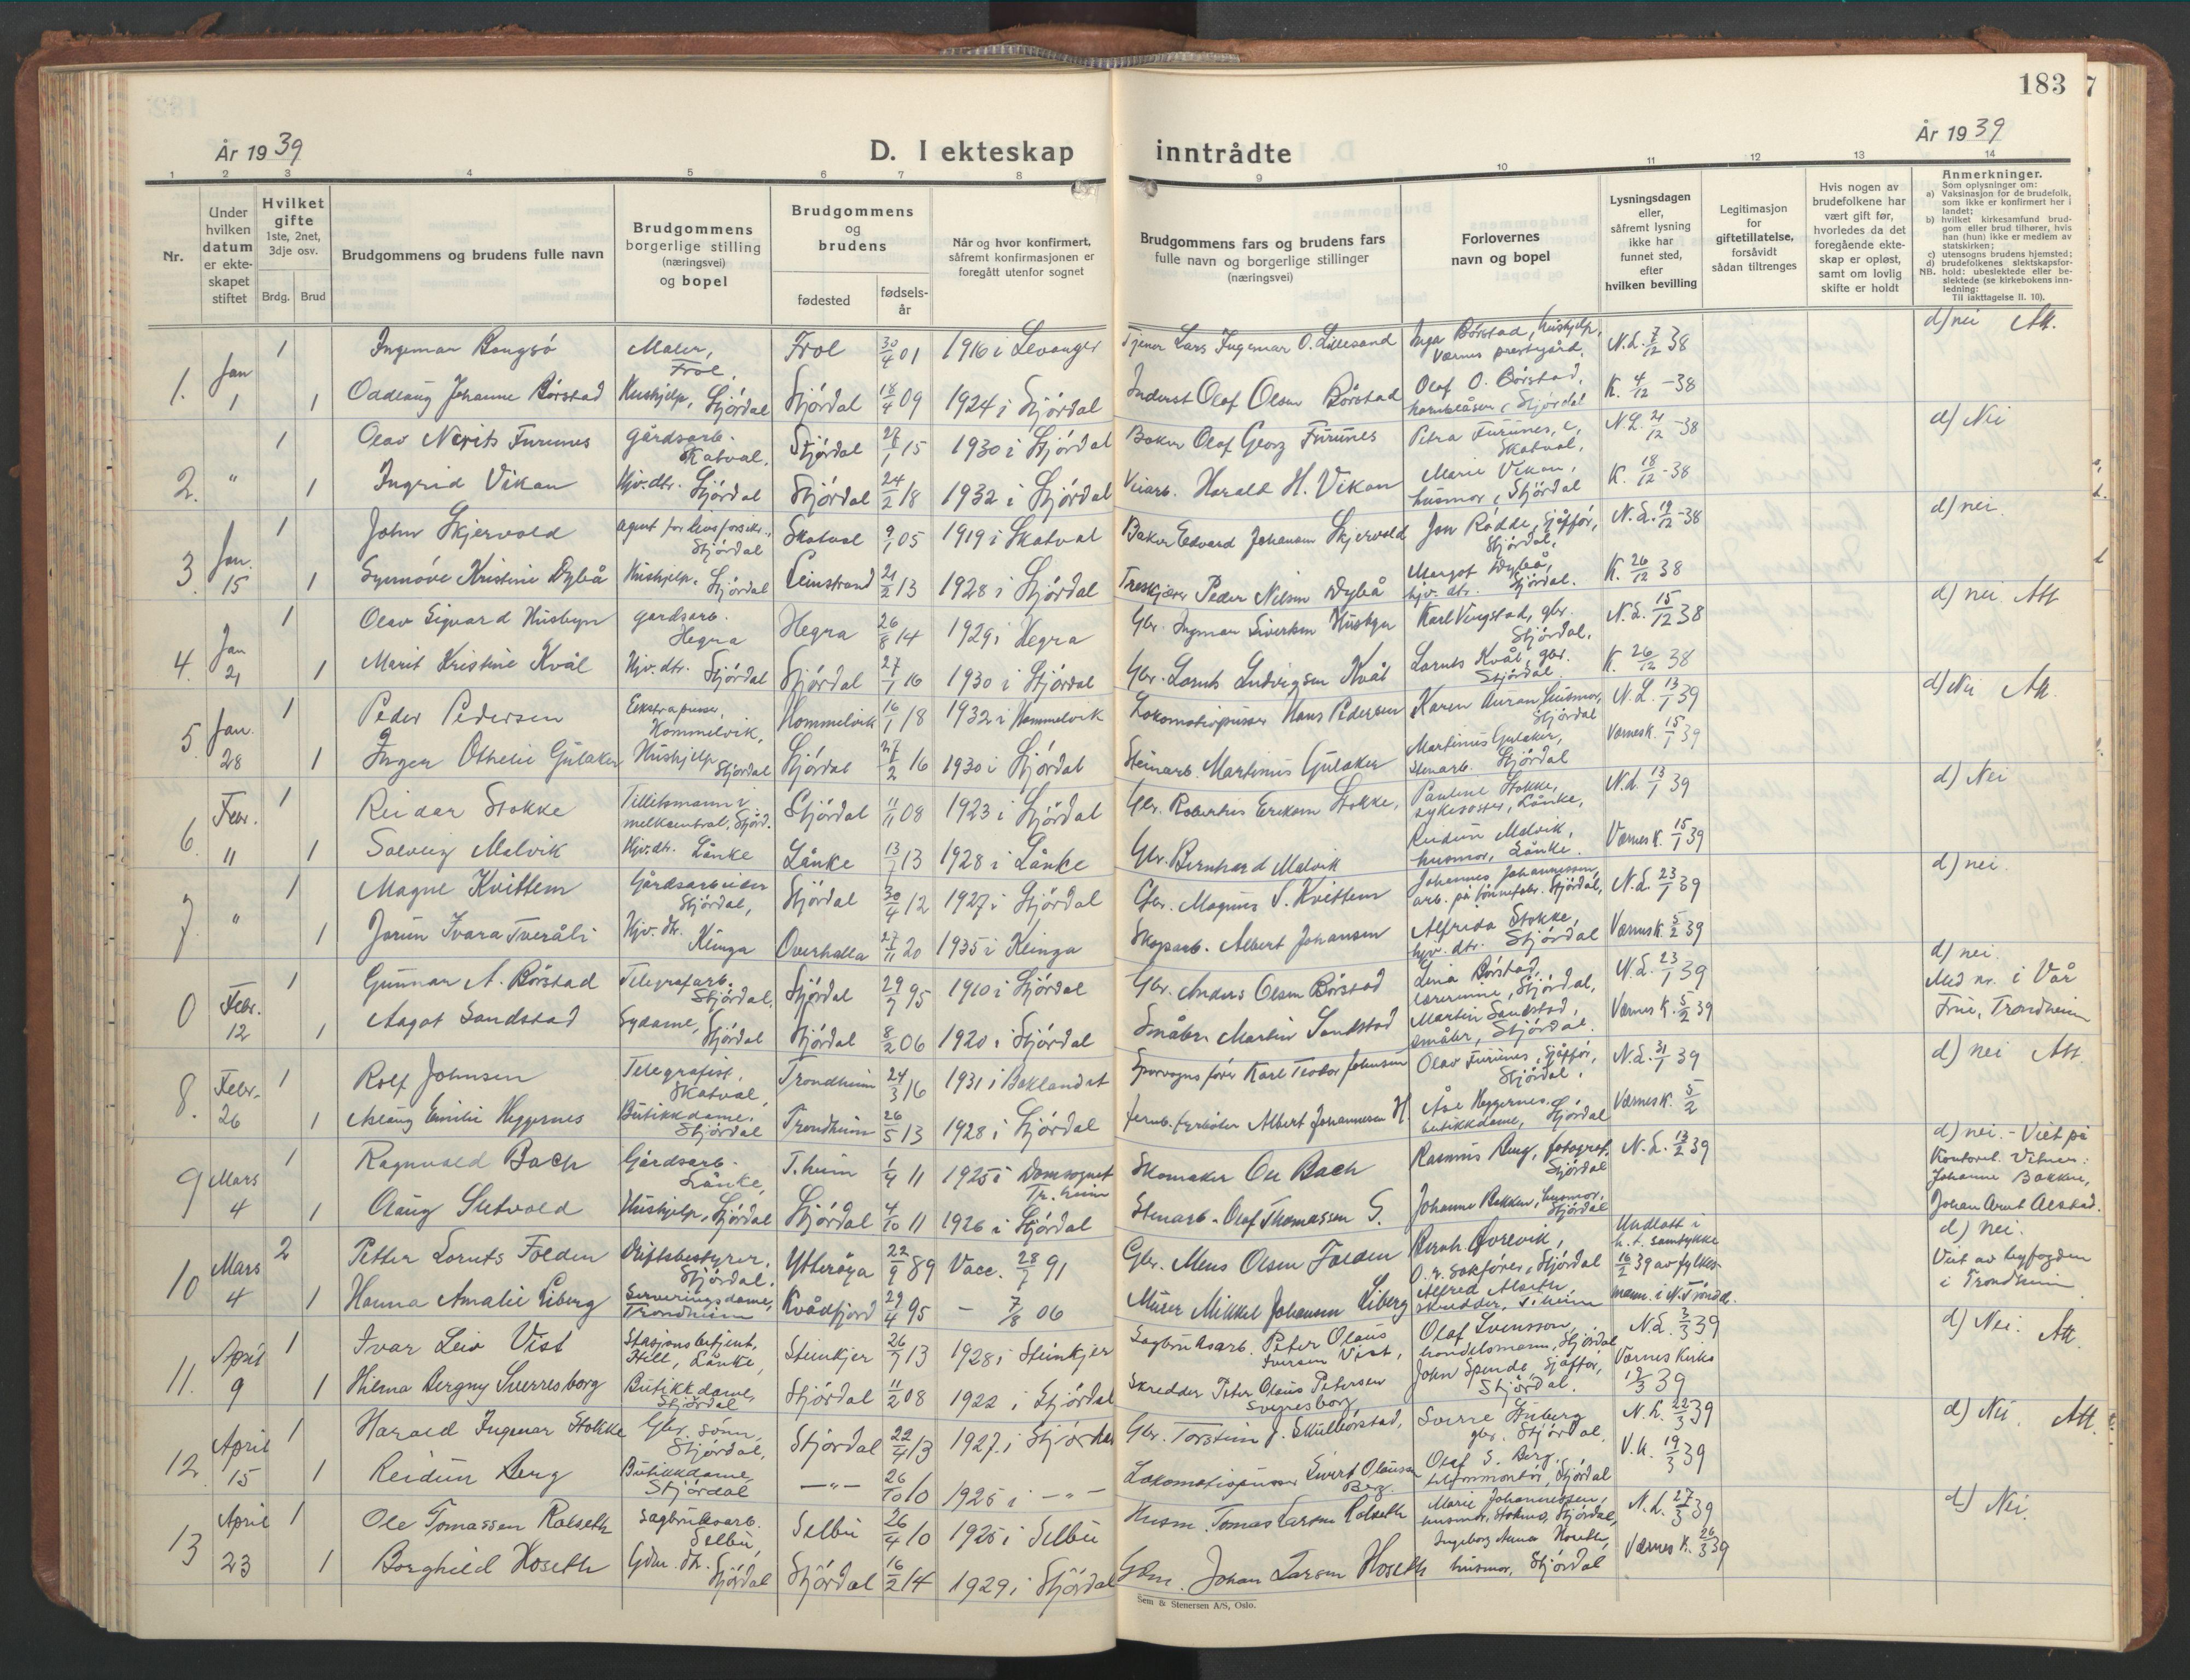 SAT, Ministerialprotokoller, klokkerbøker og fødselsregistre - Nord-Trøndelag, 709/L0089: Klokkerbok nr. 709C03, 1935-1948, s. 183